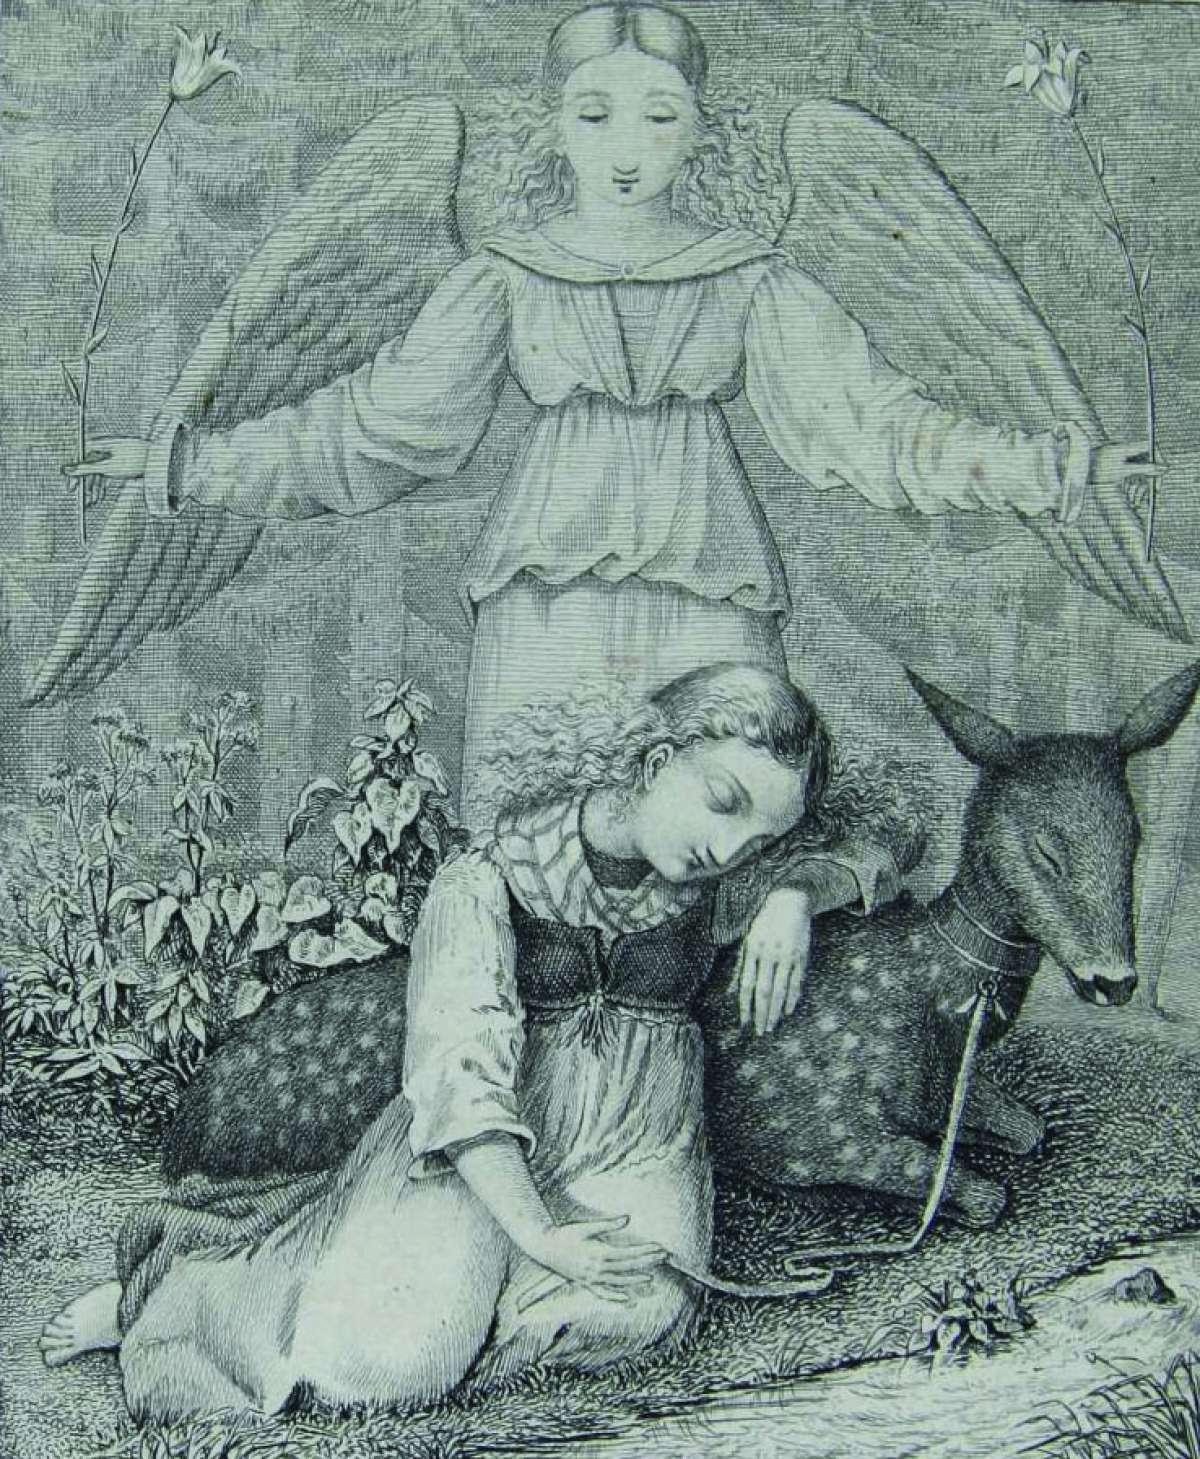 Der Liebe Gott und die Brüder Grimm - Andrea C. Ortolano - Grimmwelt  - Kassel